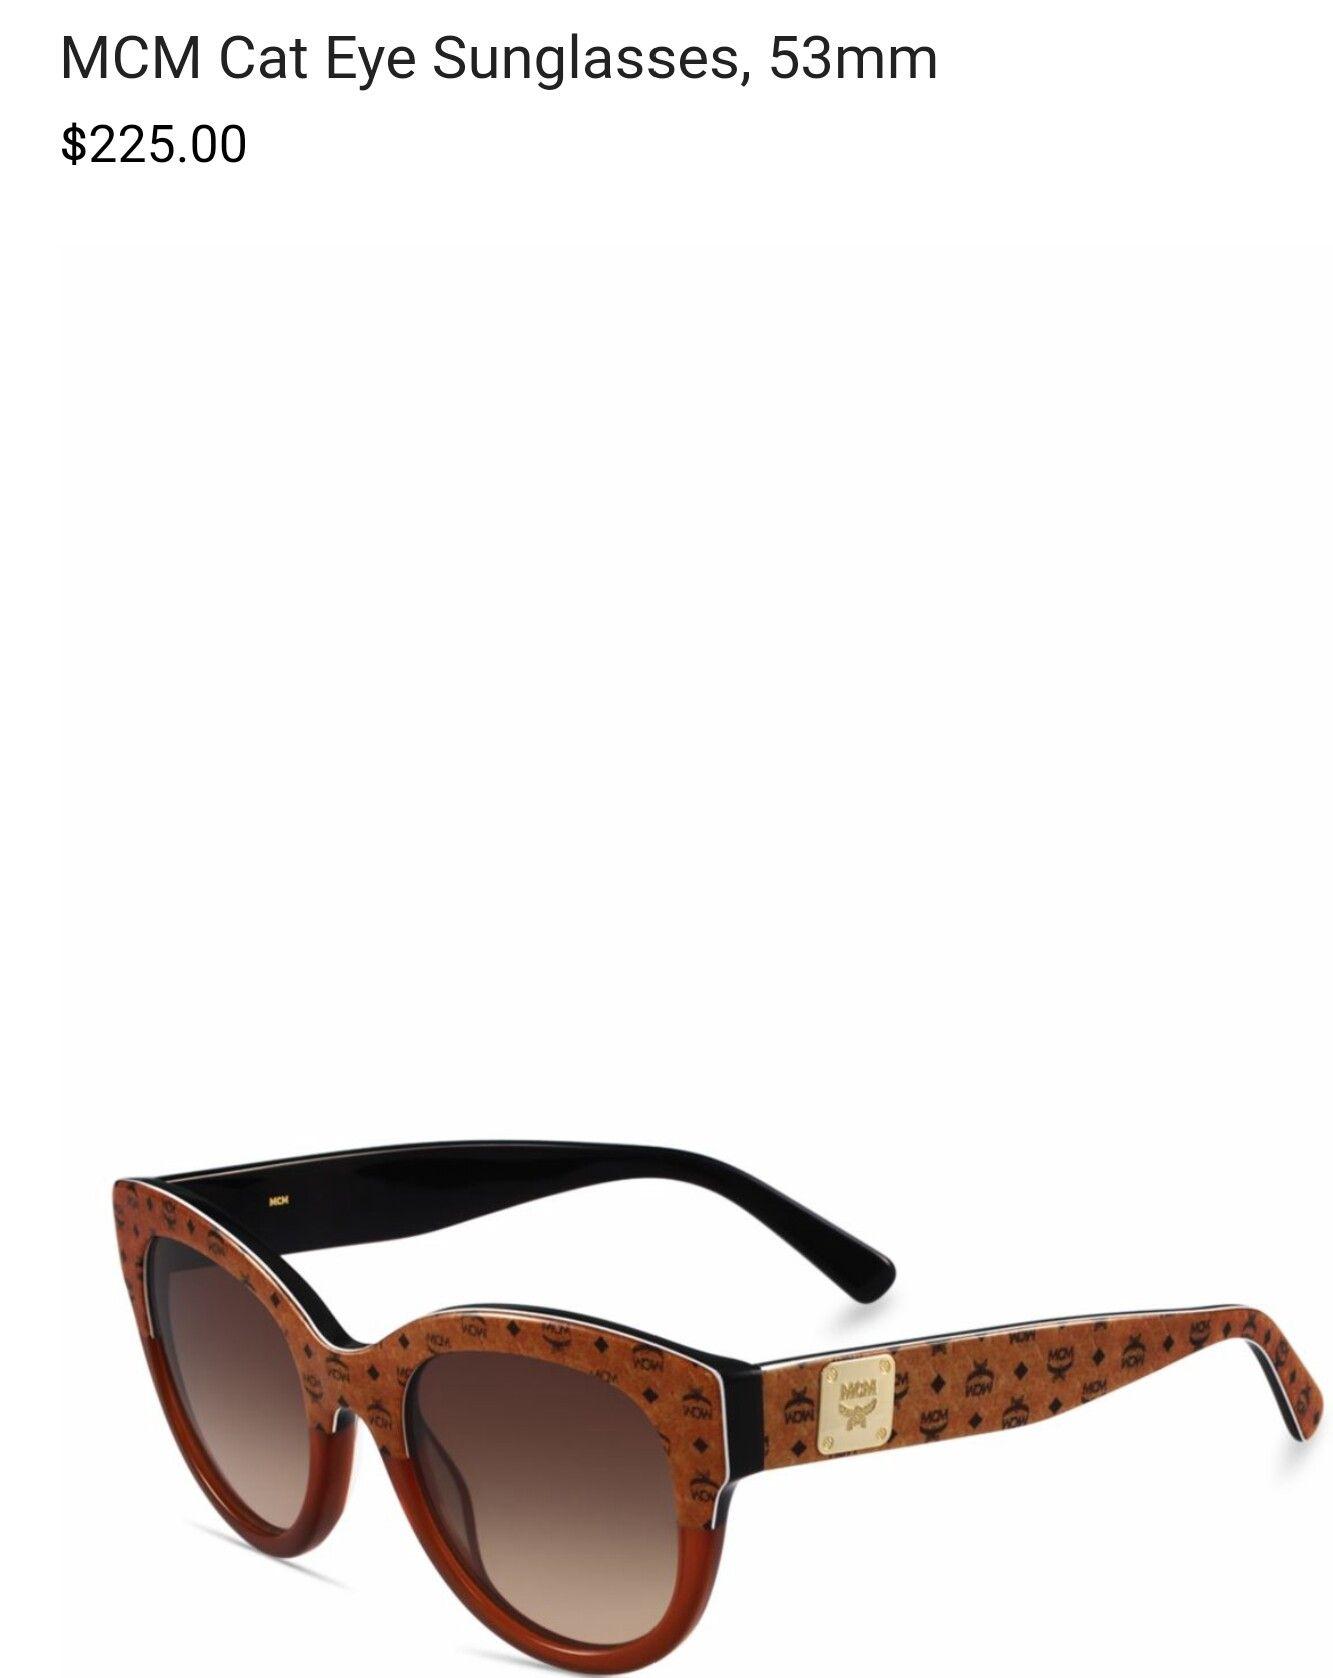 34ce6089ef Cognac Visetos  Gradient Lens MCM Sunglasses Cat Eye Sunglasses